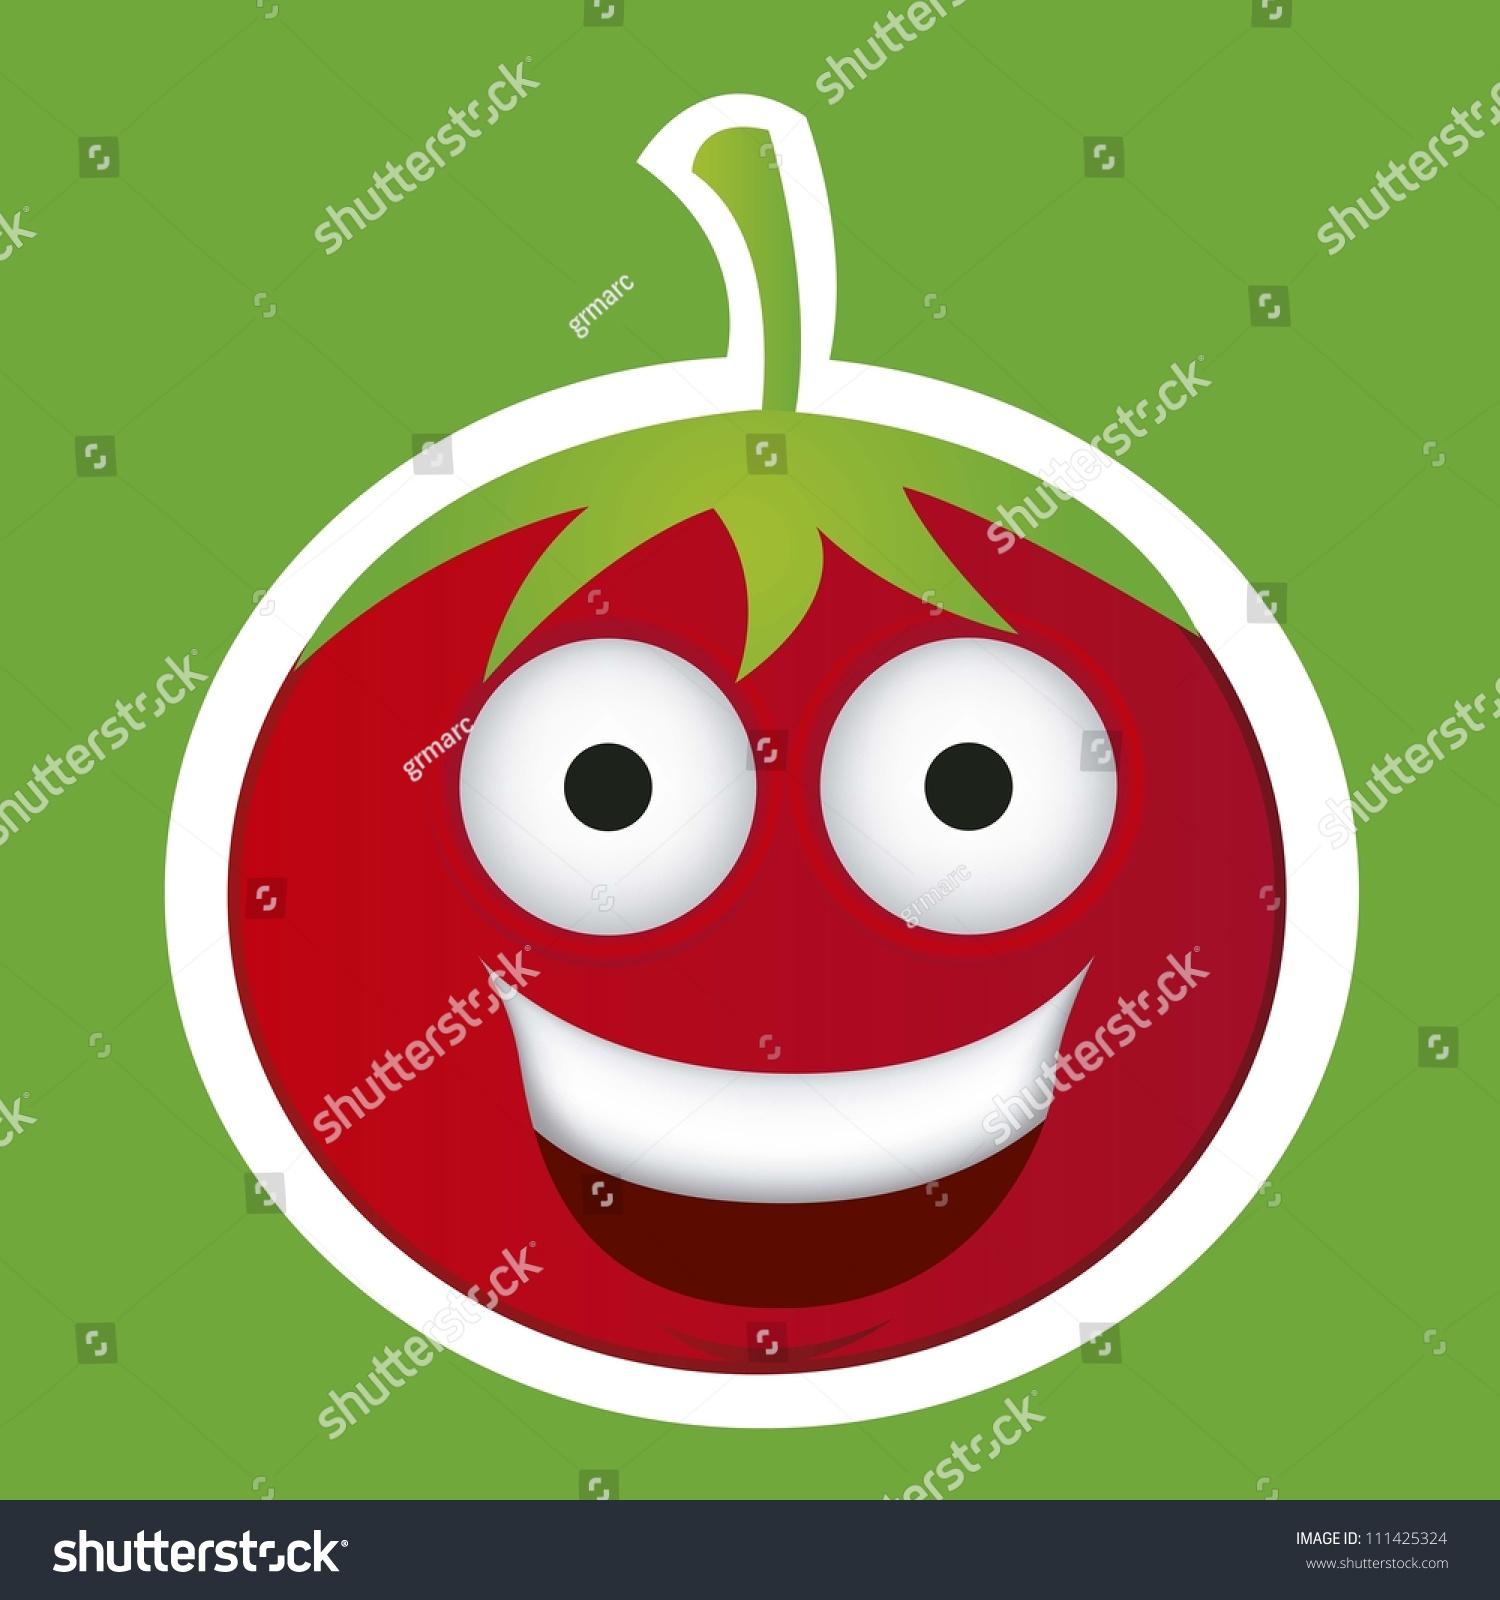 卡通番茄大眼睛和大大的微笑